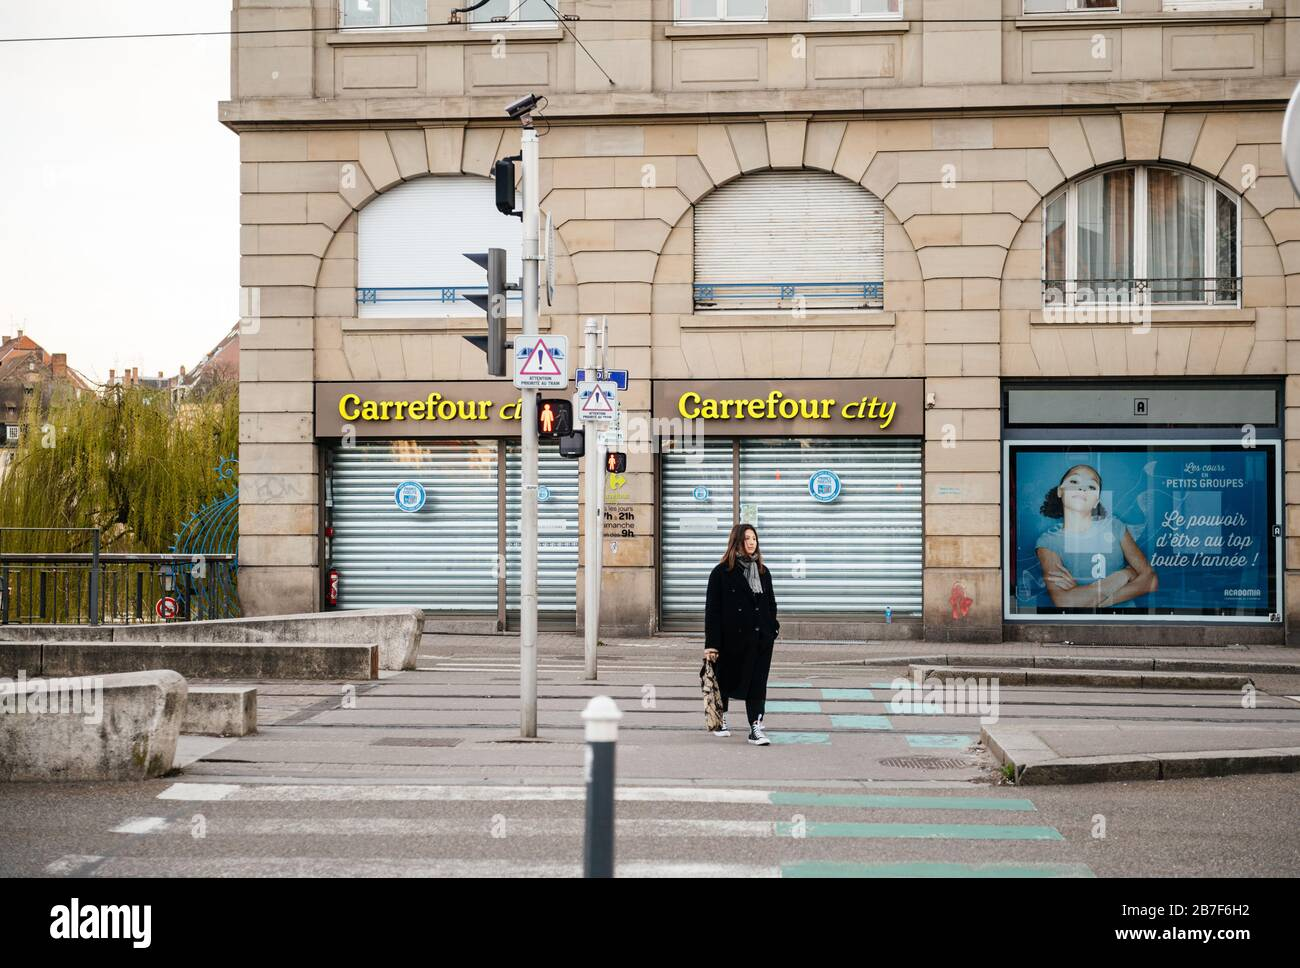 Straßburg, Frankreich - 15. März 2020: Junges Mädchen, das die Straße vor dem Carrefour City Supermarkt durchquert, während Frankreich mit einem Ausbruch des Coronavirus COVID-19 grappt Stockfoto